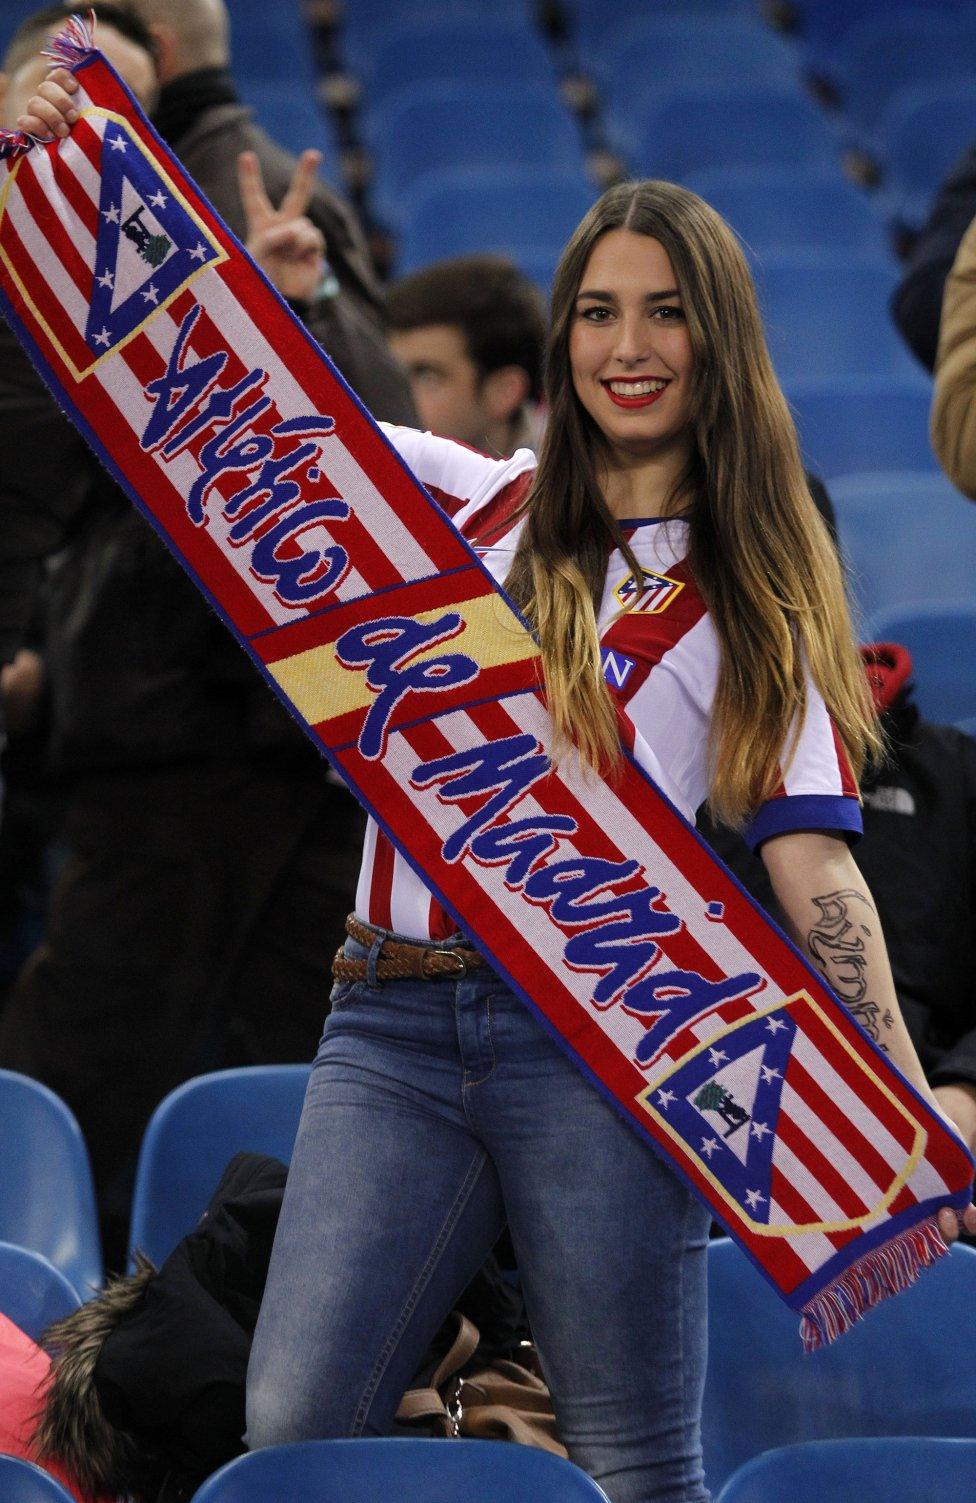 صور : مباراة أتليتيكو مدريد - برشلونة 2-3 ( 28-01-2015 )  1422473923_118684_1422476297_album_grande